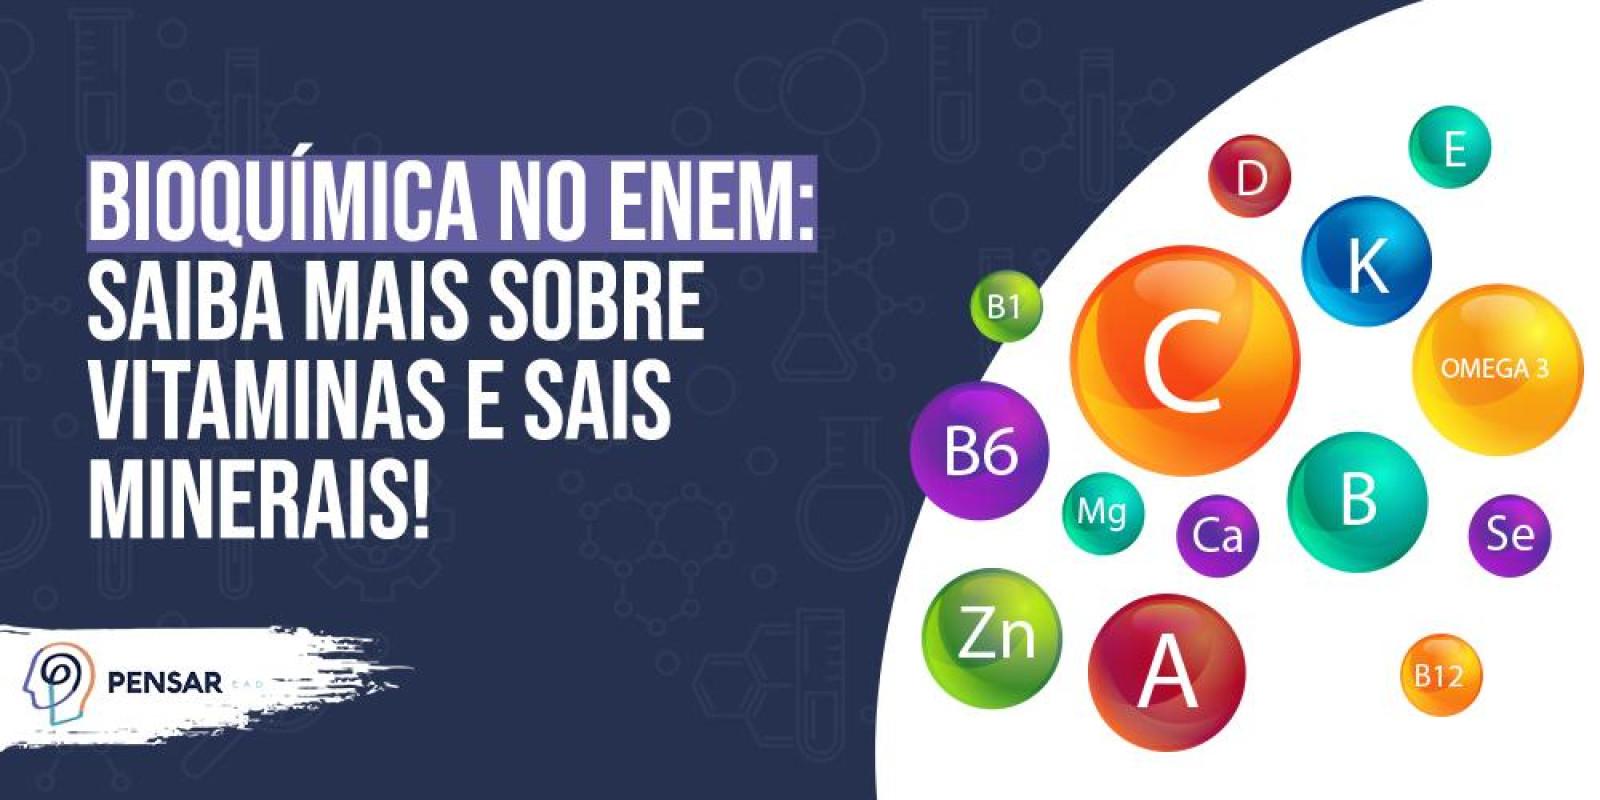 Bioquímica no ENEM: saiba mais sobre vitaminas e sais minerais!